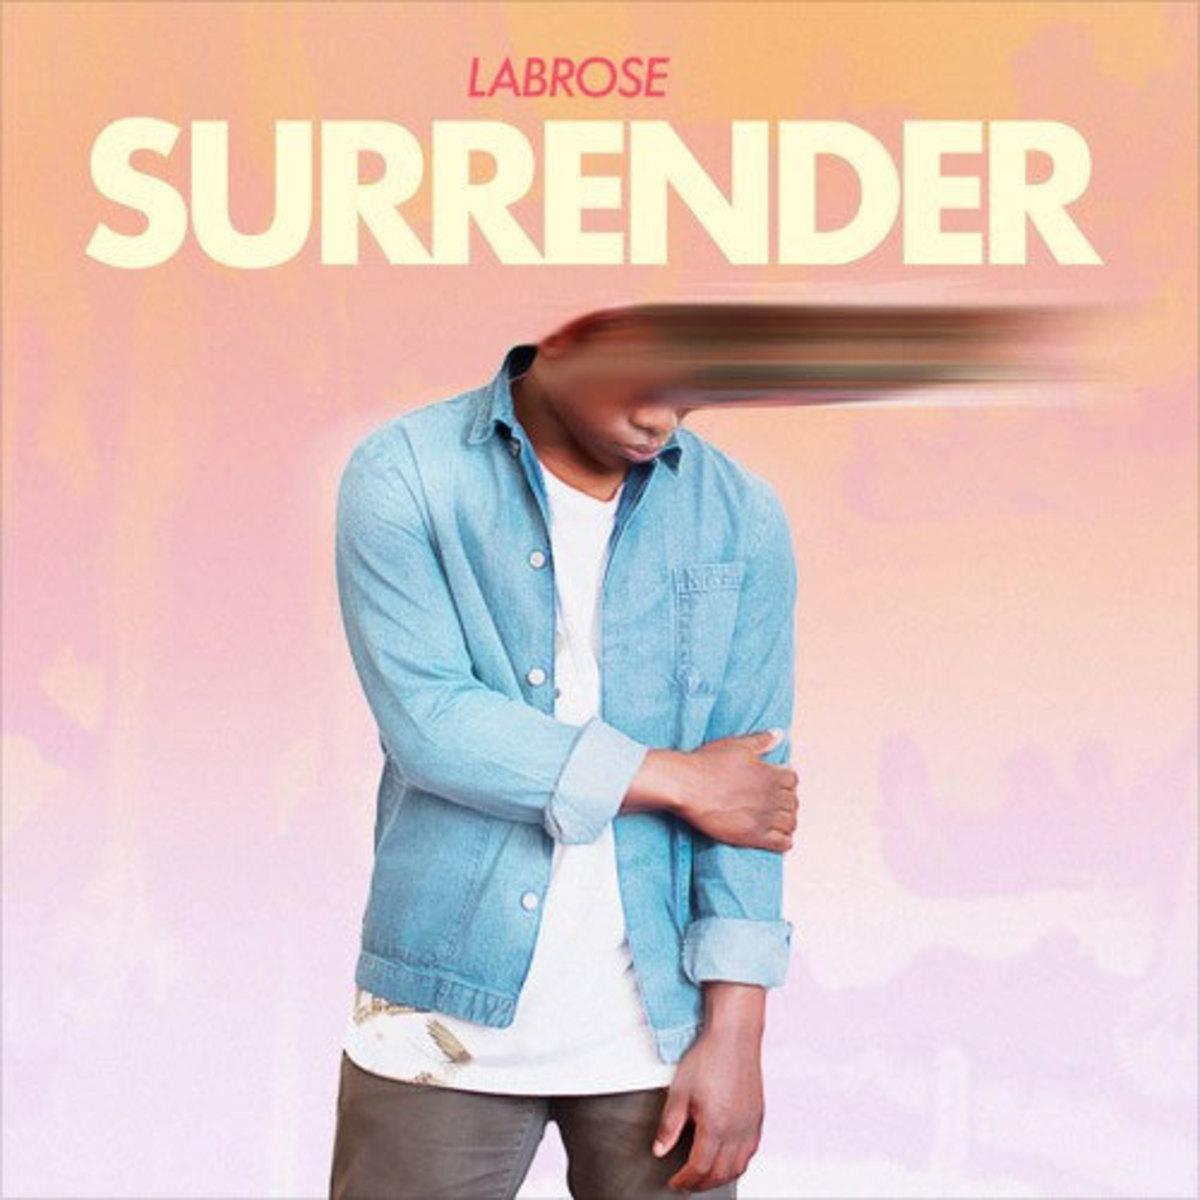 labrose-surrender.jpg